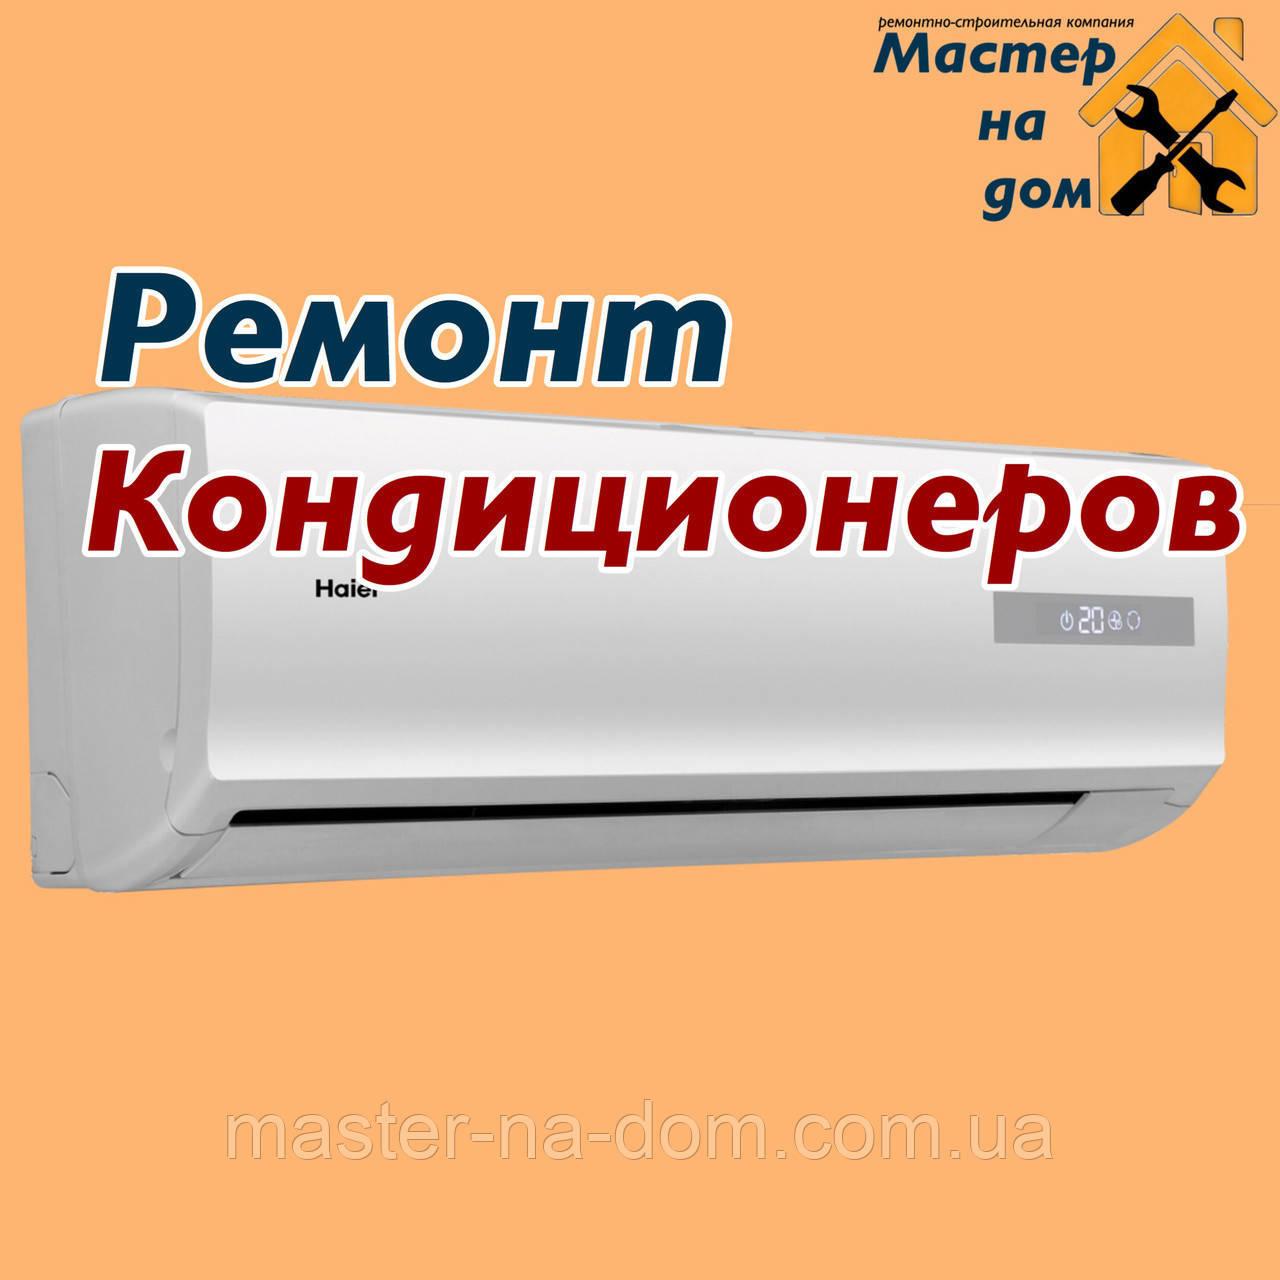 Ремонт кондиционеров в Ивано-Франковске